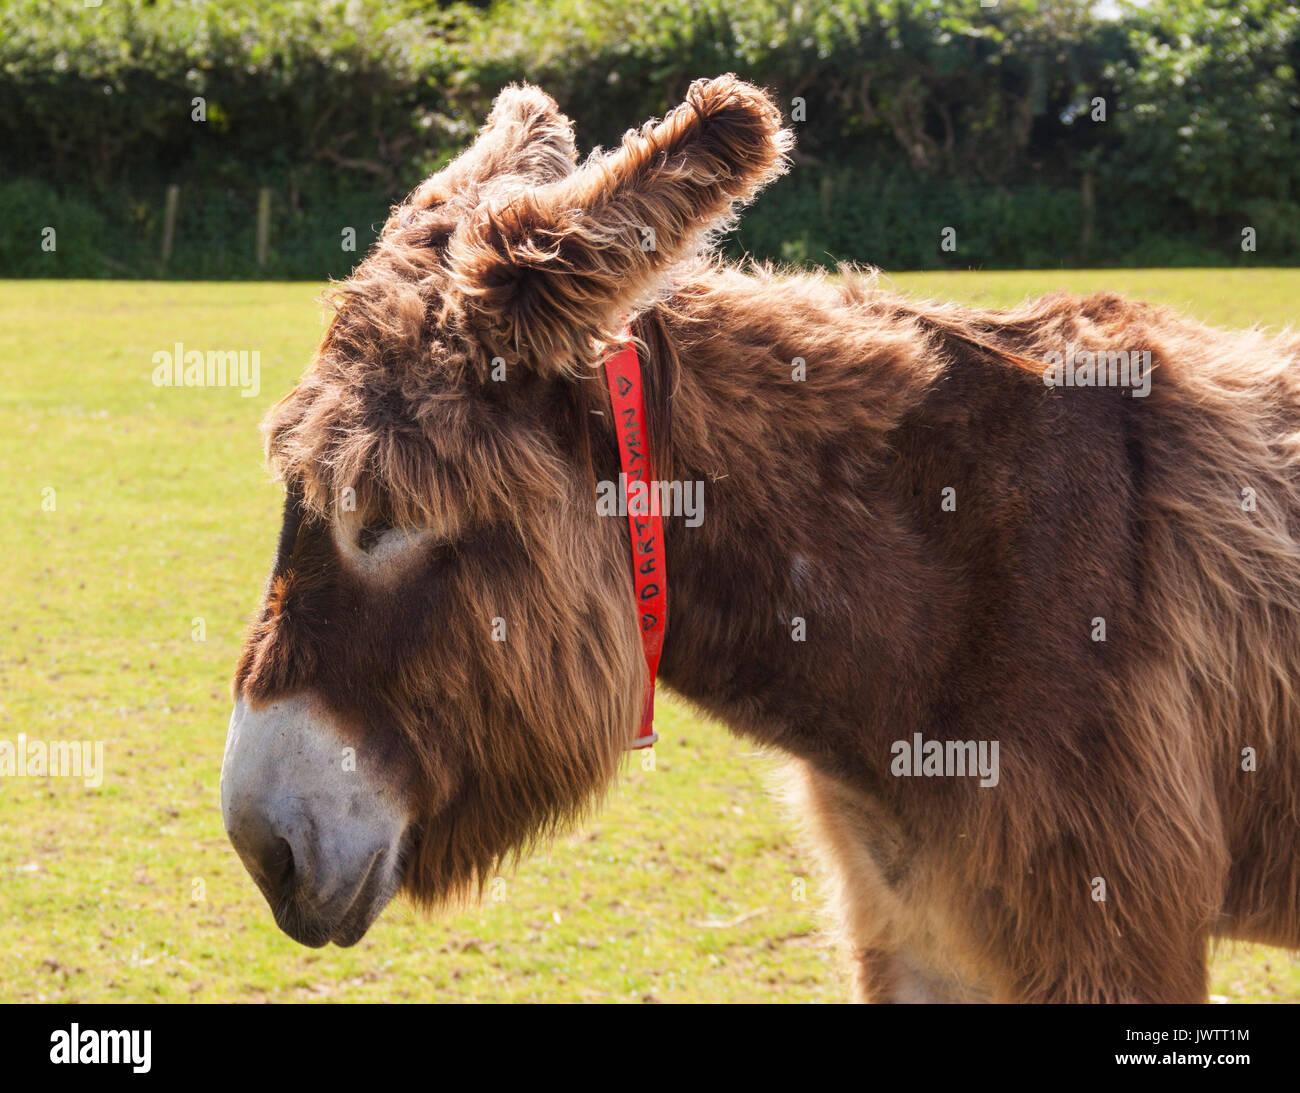 Dartanyan, un âne aux cheveux longs au sanctuaire des ânes de Sidmouth Photo Stock